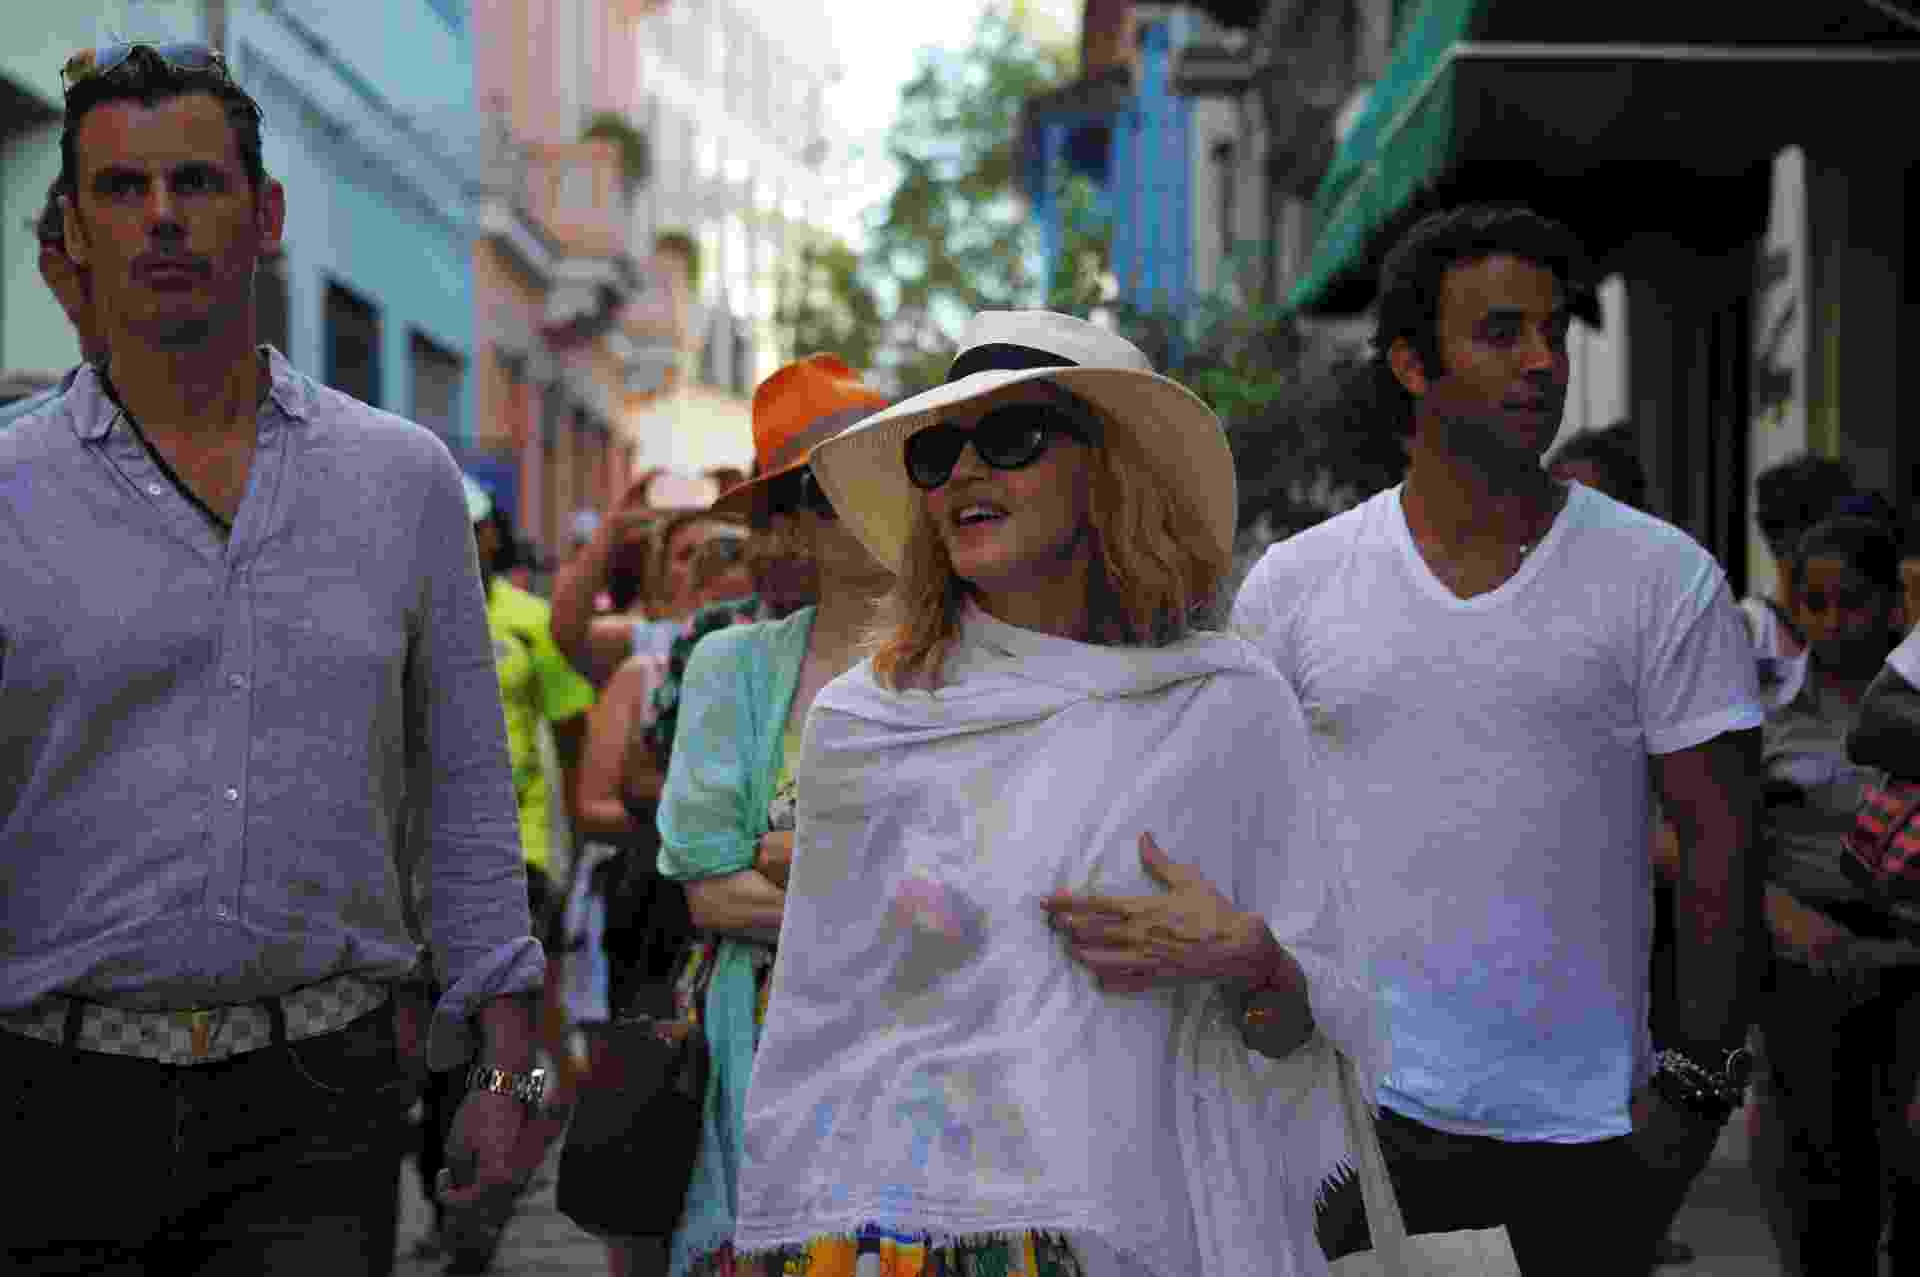 17.ago.2016 - Madonna anda pelas ruas de Havana durante viagem de aniversário pela capital cubana - AFP PHOTO/YAMIL LAGE